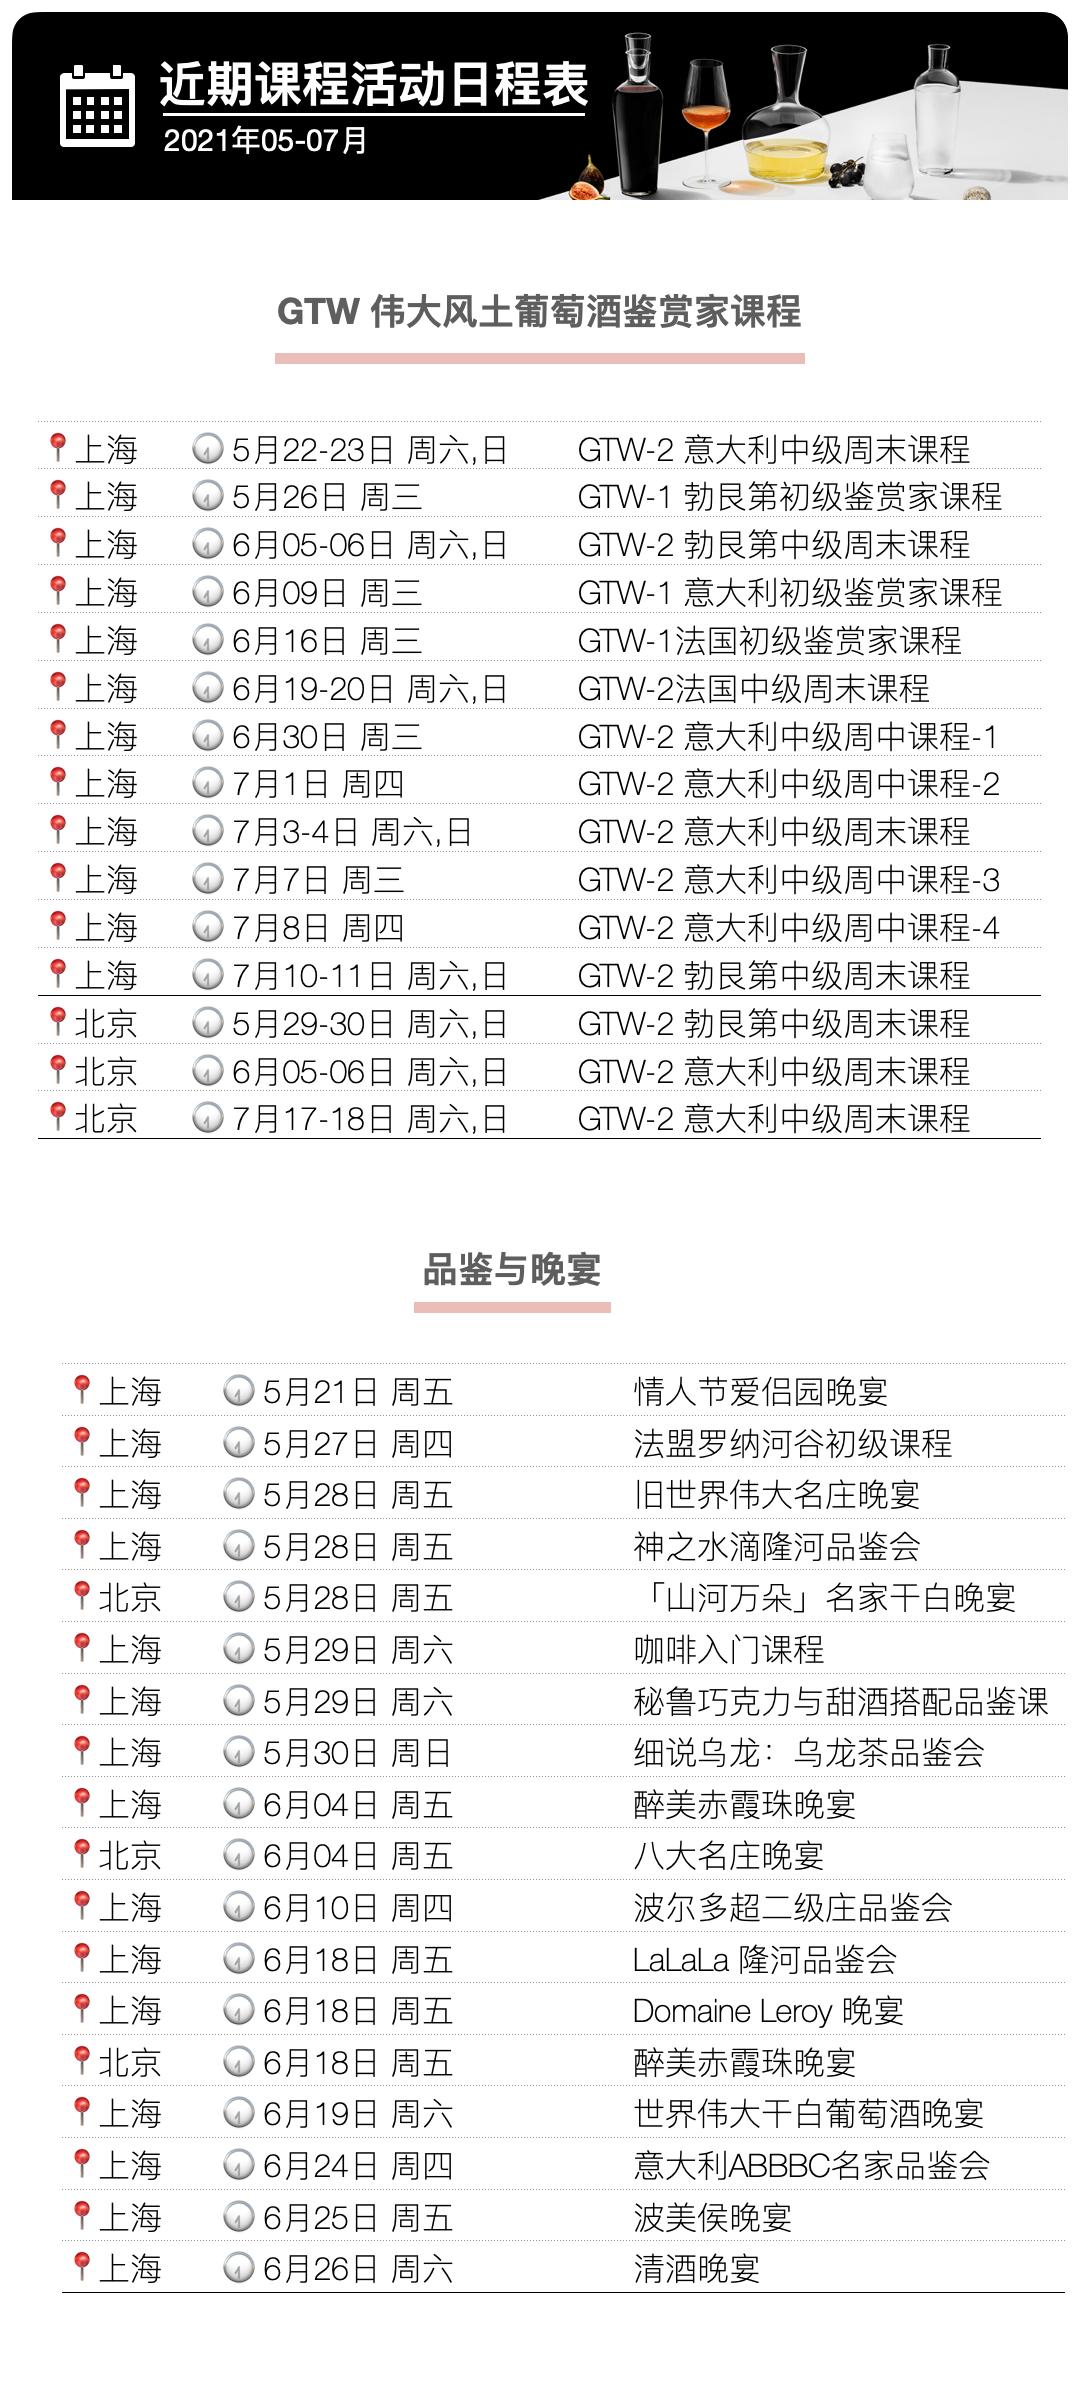 上海⎪细说乌龙品鉴会:巡礼各式乌龙悠扬茶韵